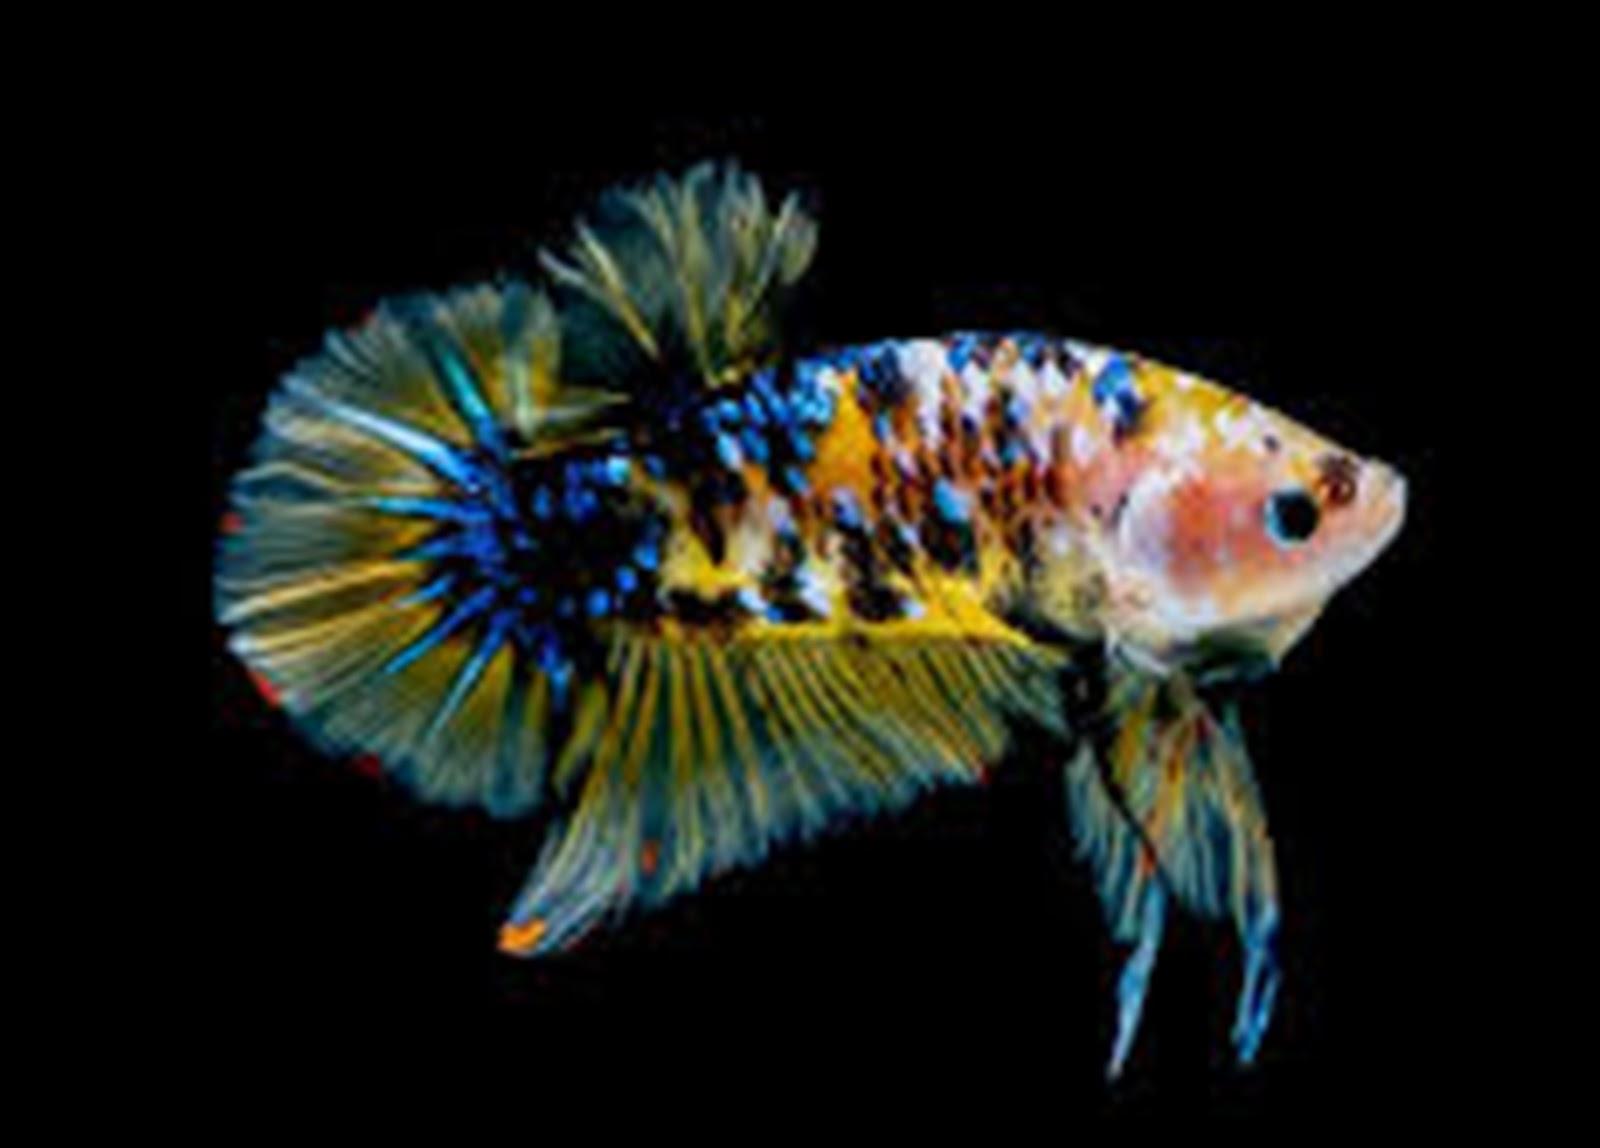 Harga Ikan Cupang di Yogyakarta